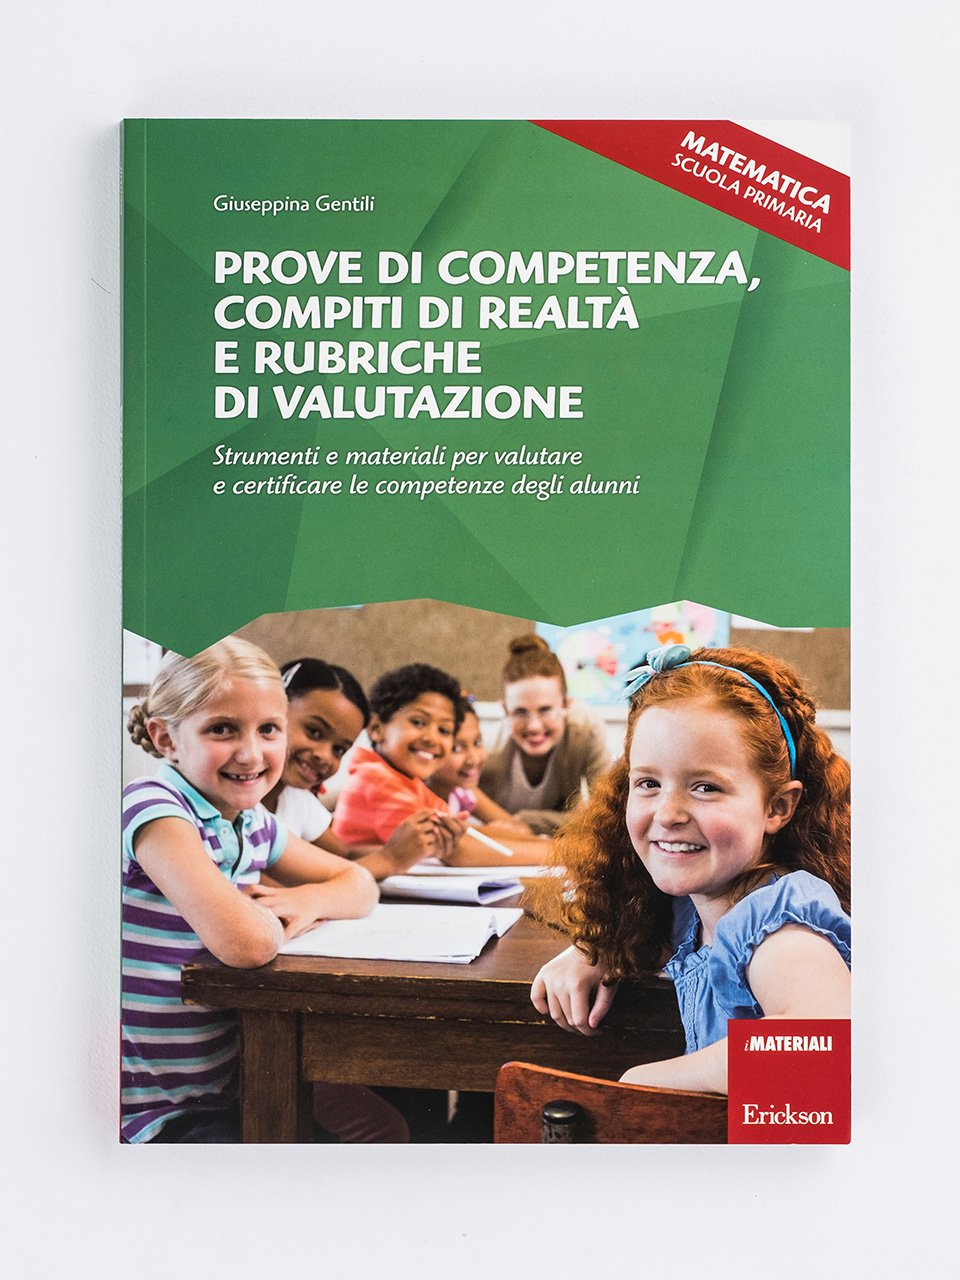 Prove di competenza, compiti di realtà e rubriche di valutazione - MATEMATICA - SCUOLA PRIMARIA - Giuseppina Gentili - Erickson